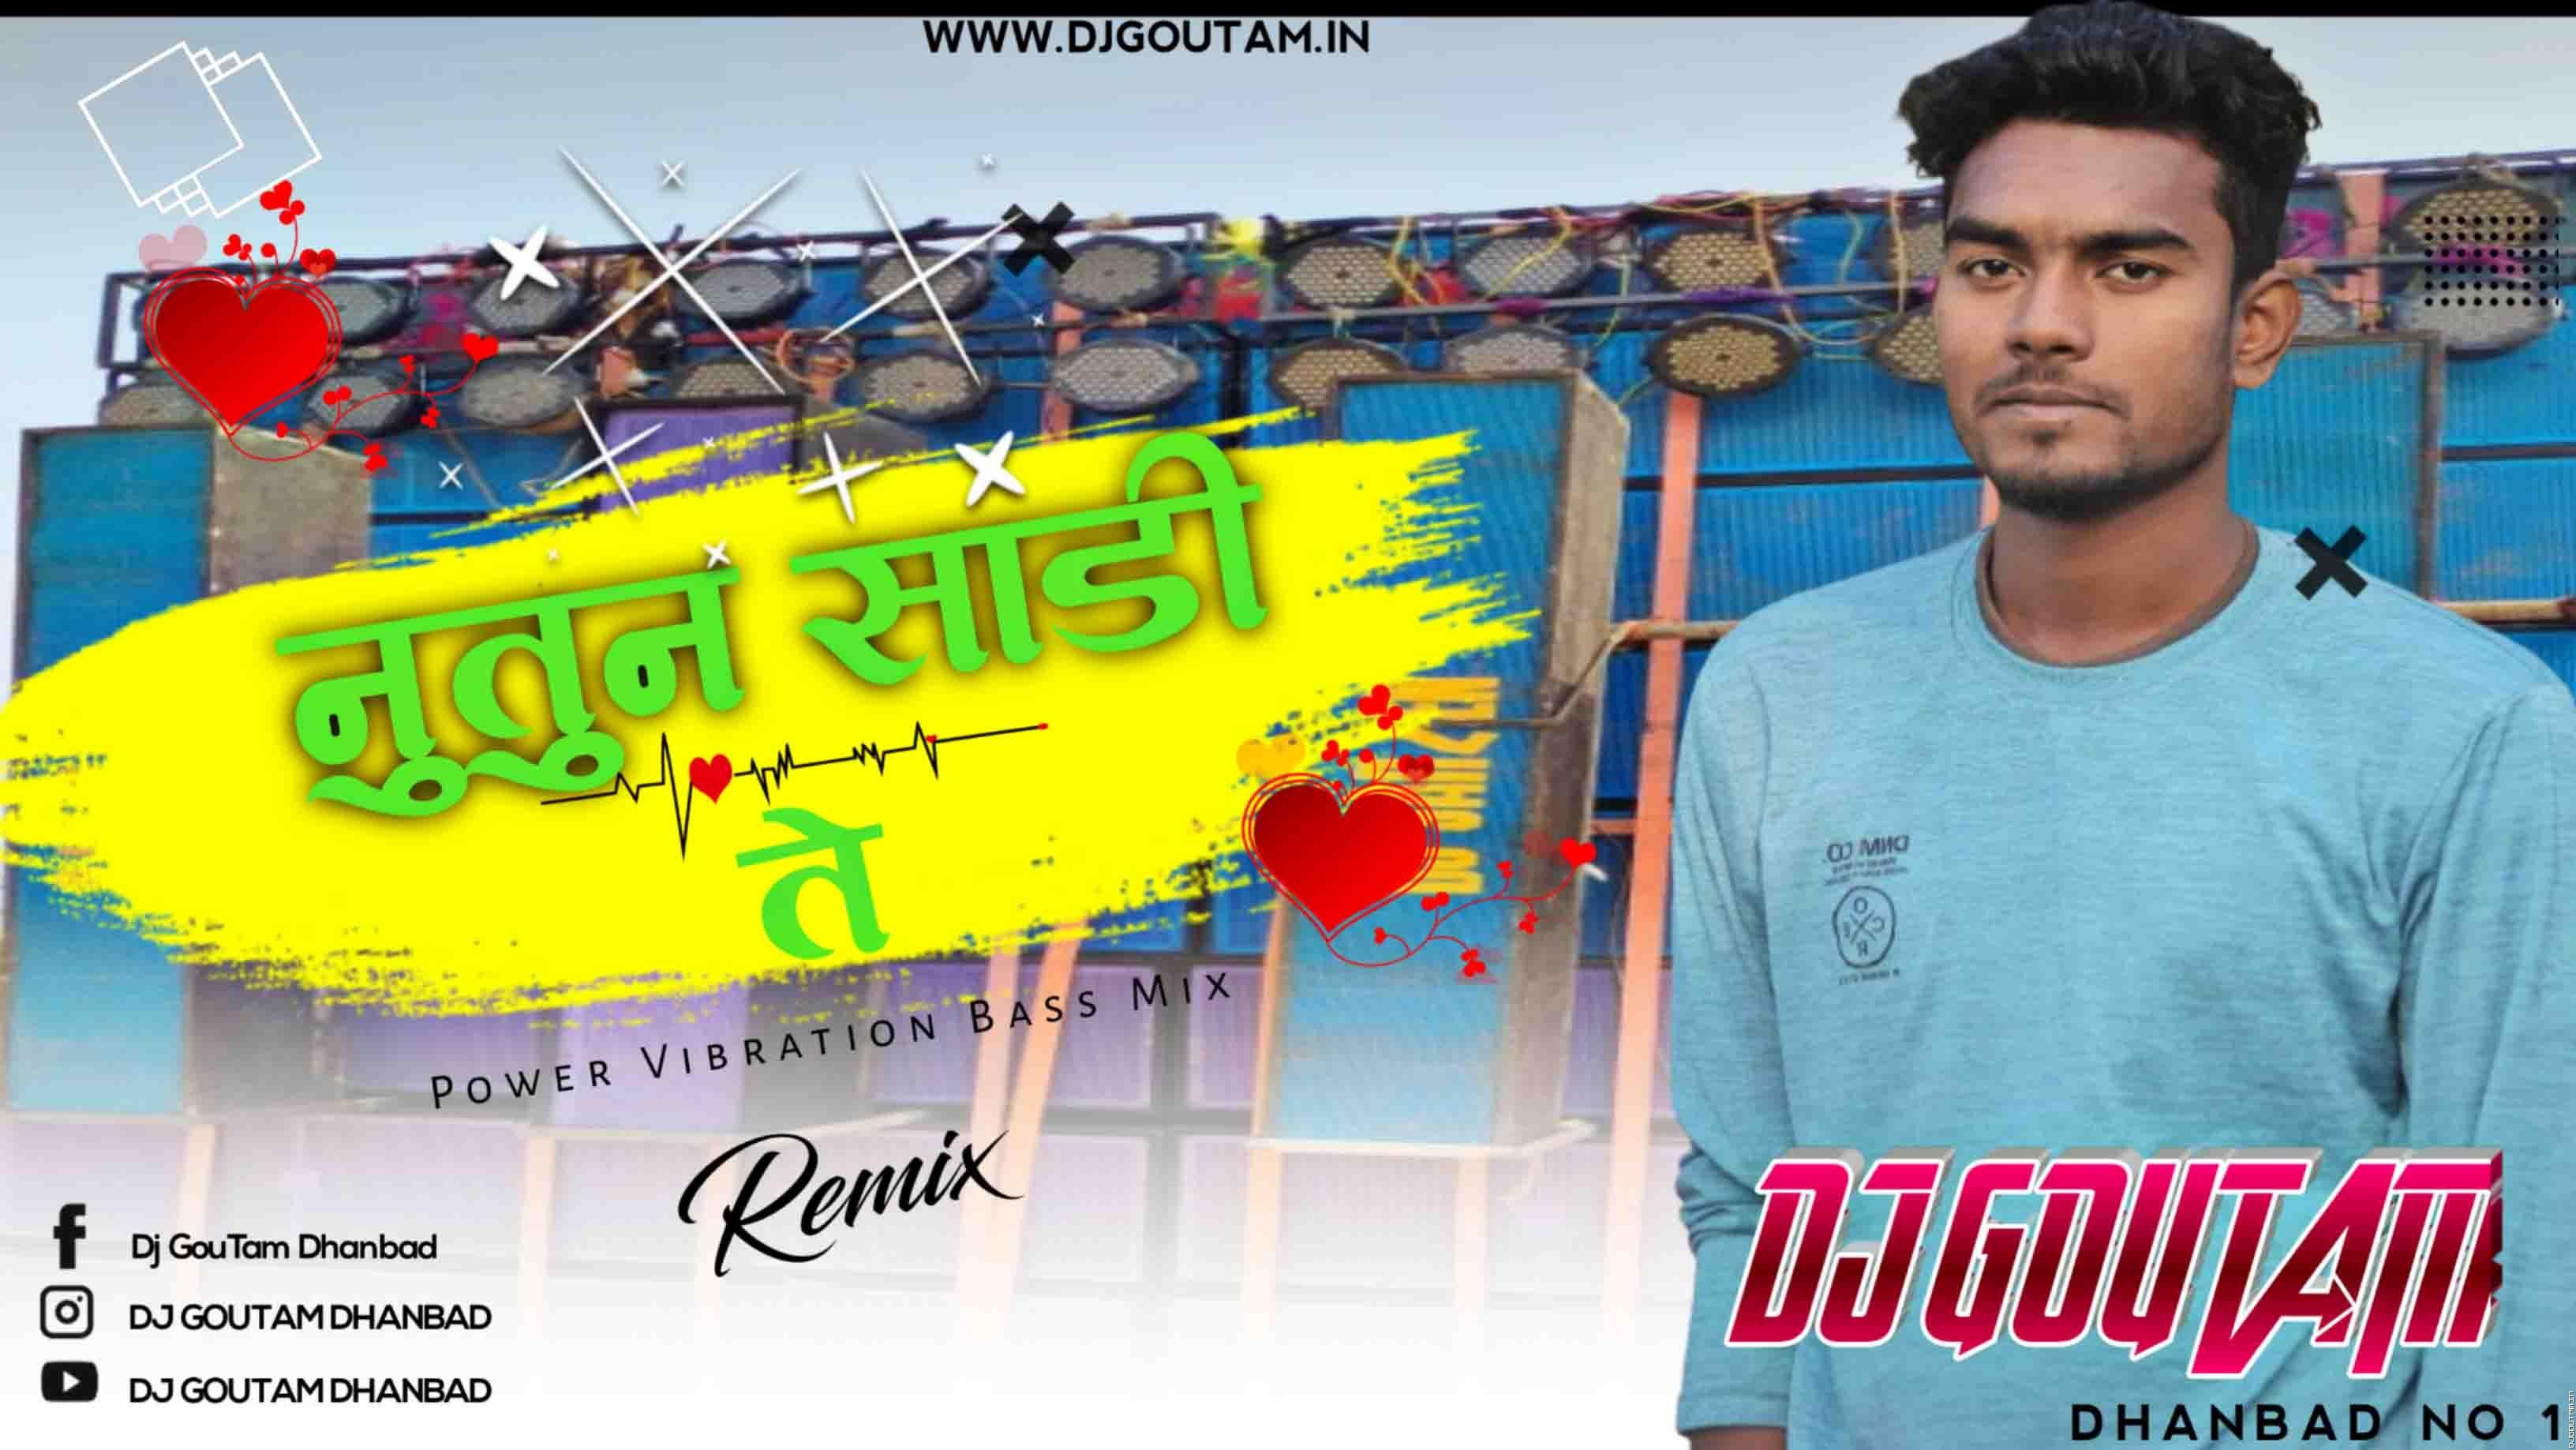 Notun Saree Te [Power Vibration Bass Mix] Dj RaHul Dhanbad.mp3